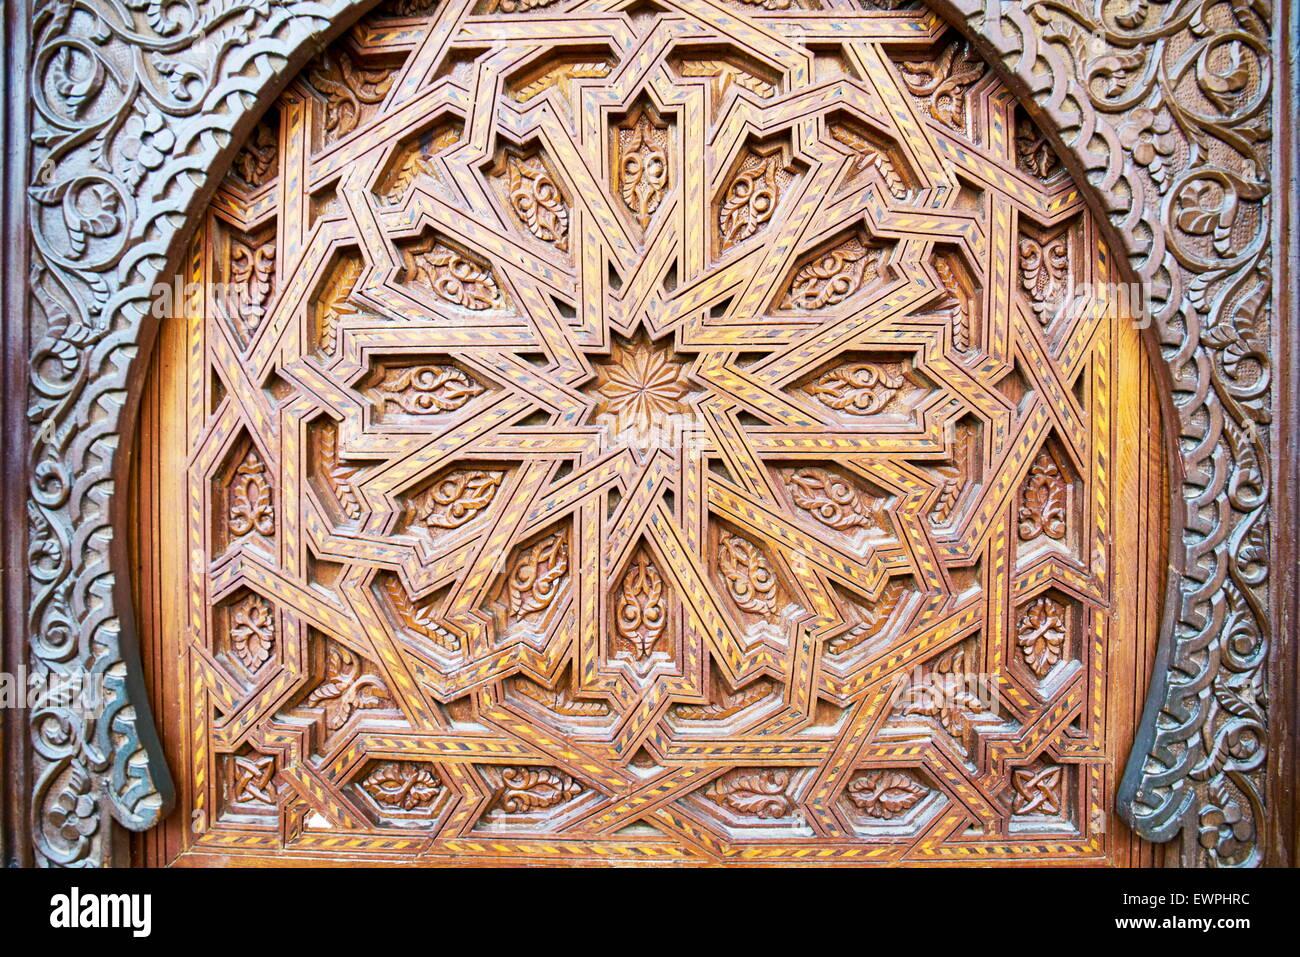 Dettaglio del porta decorativa, Marocco, Africa Immagini Stock